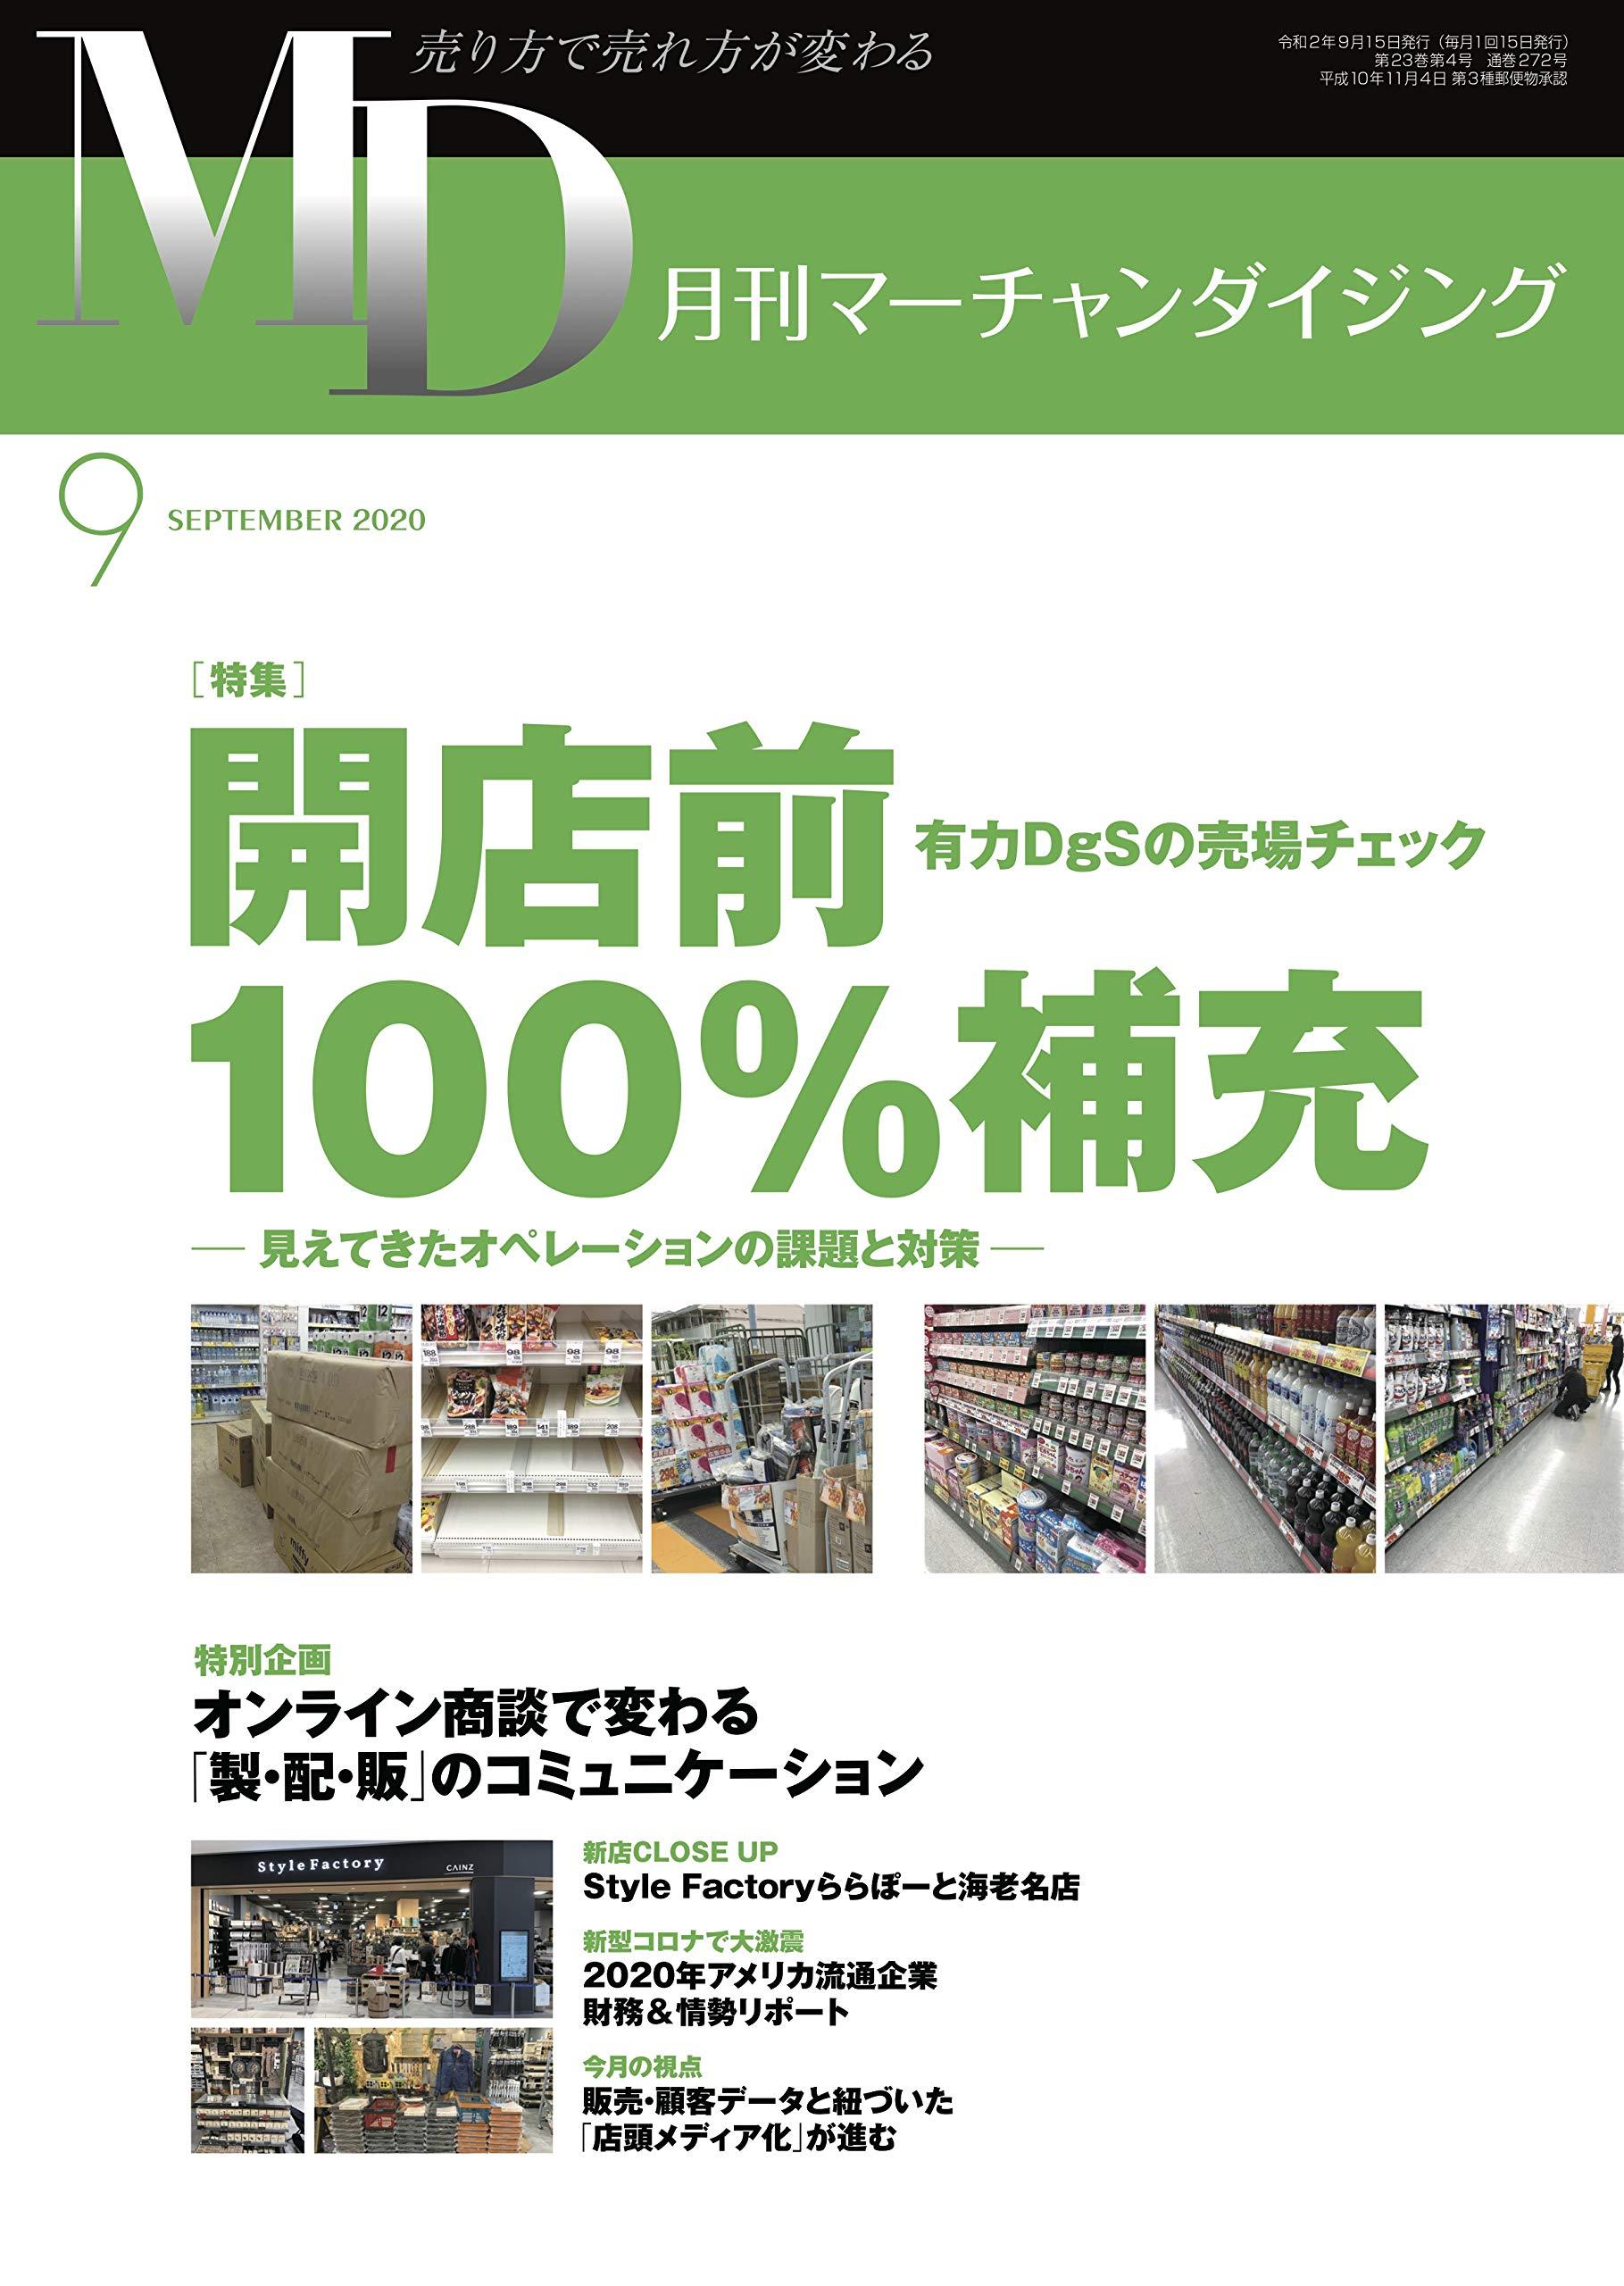 gekkamdnisennijunenkugatsugo gekkanmahchandaijingu (Japanese Edition)